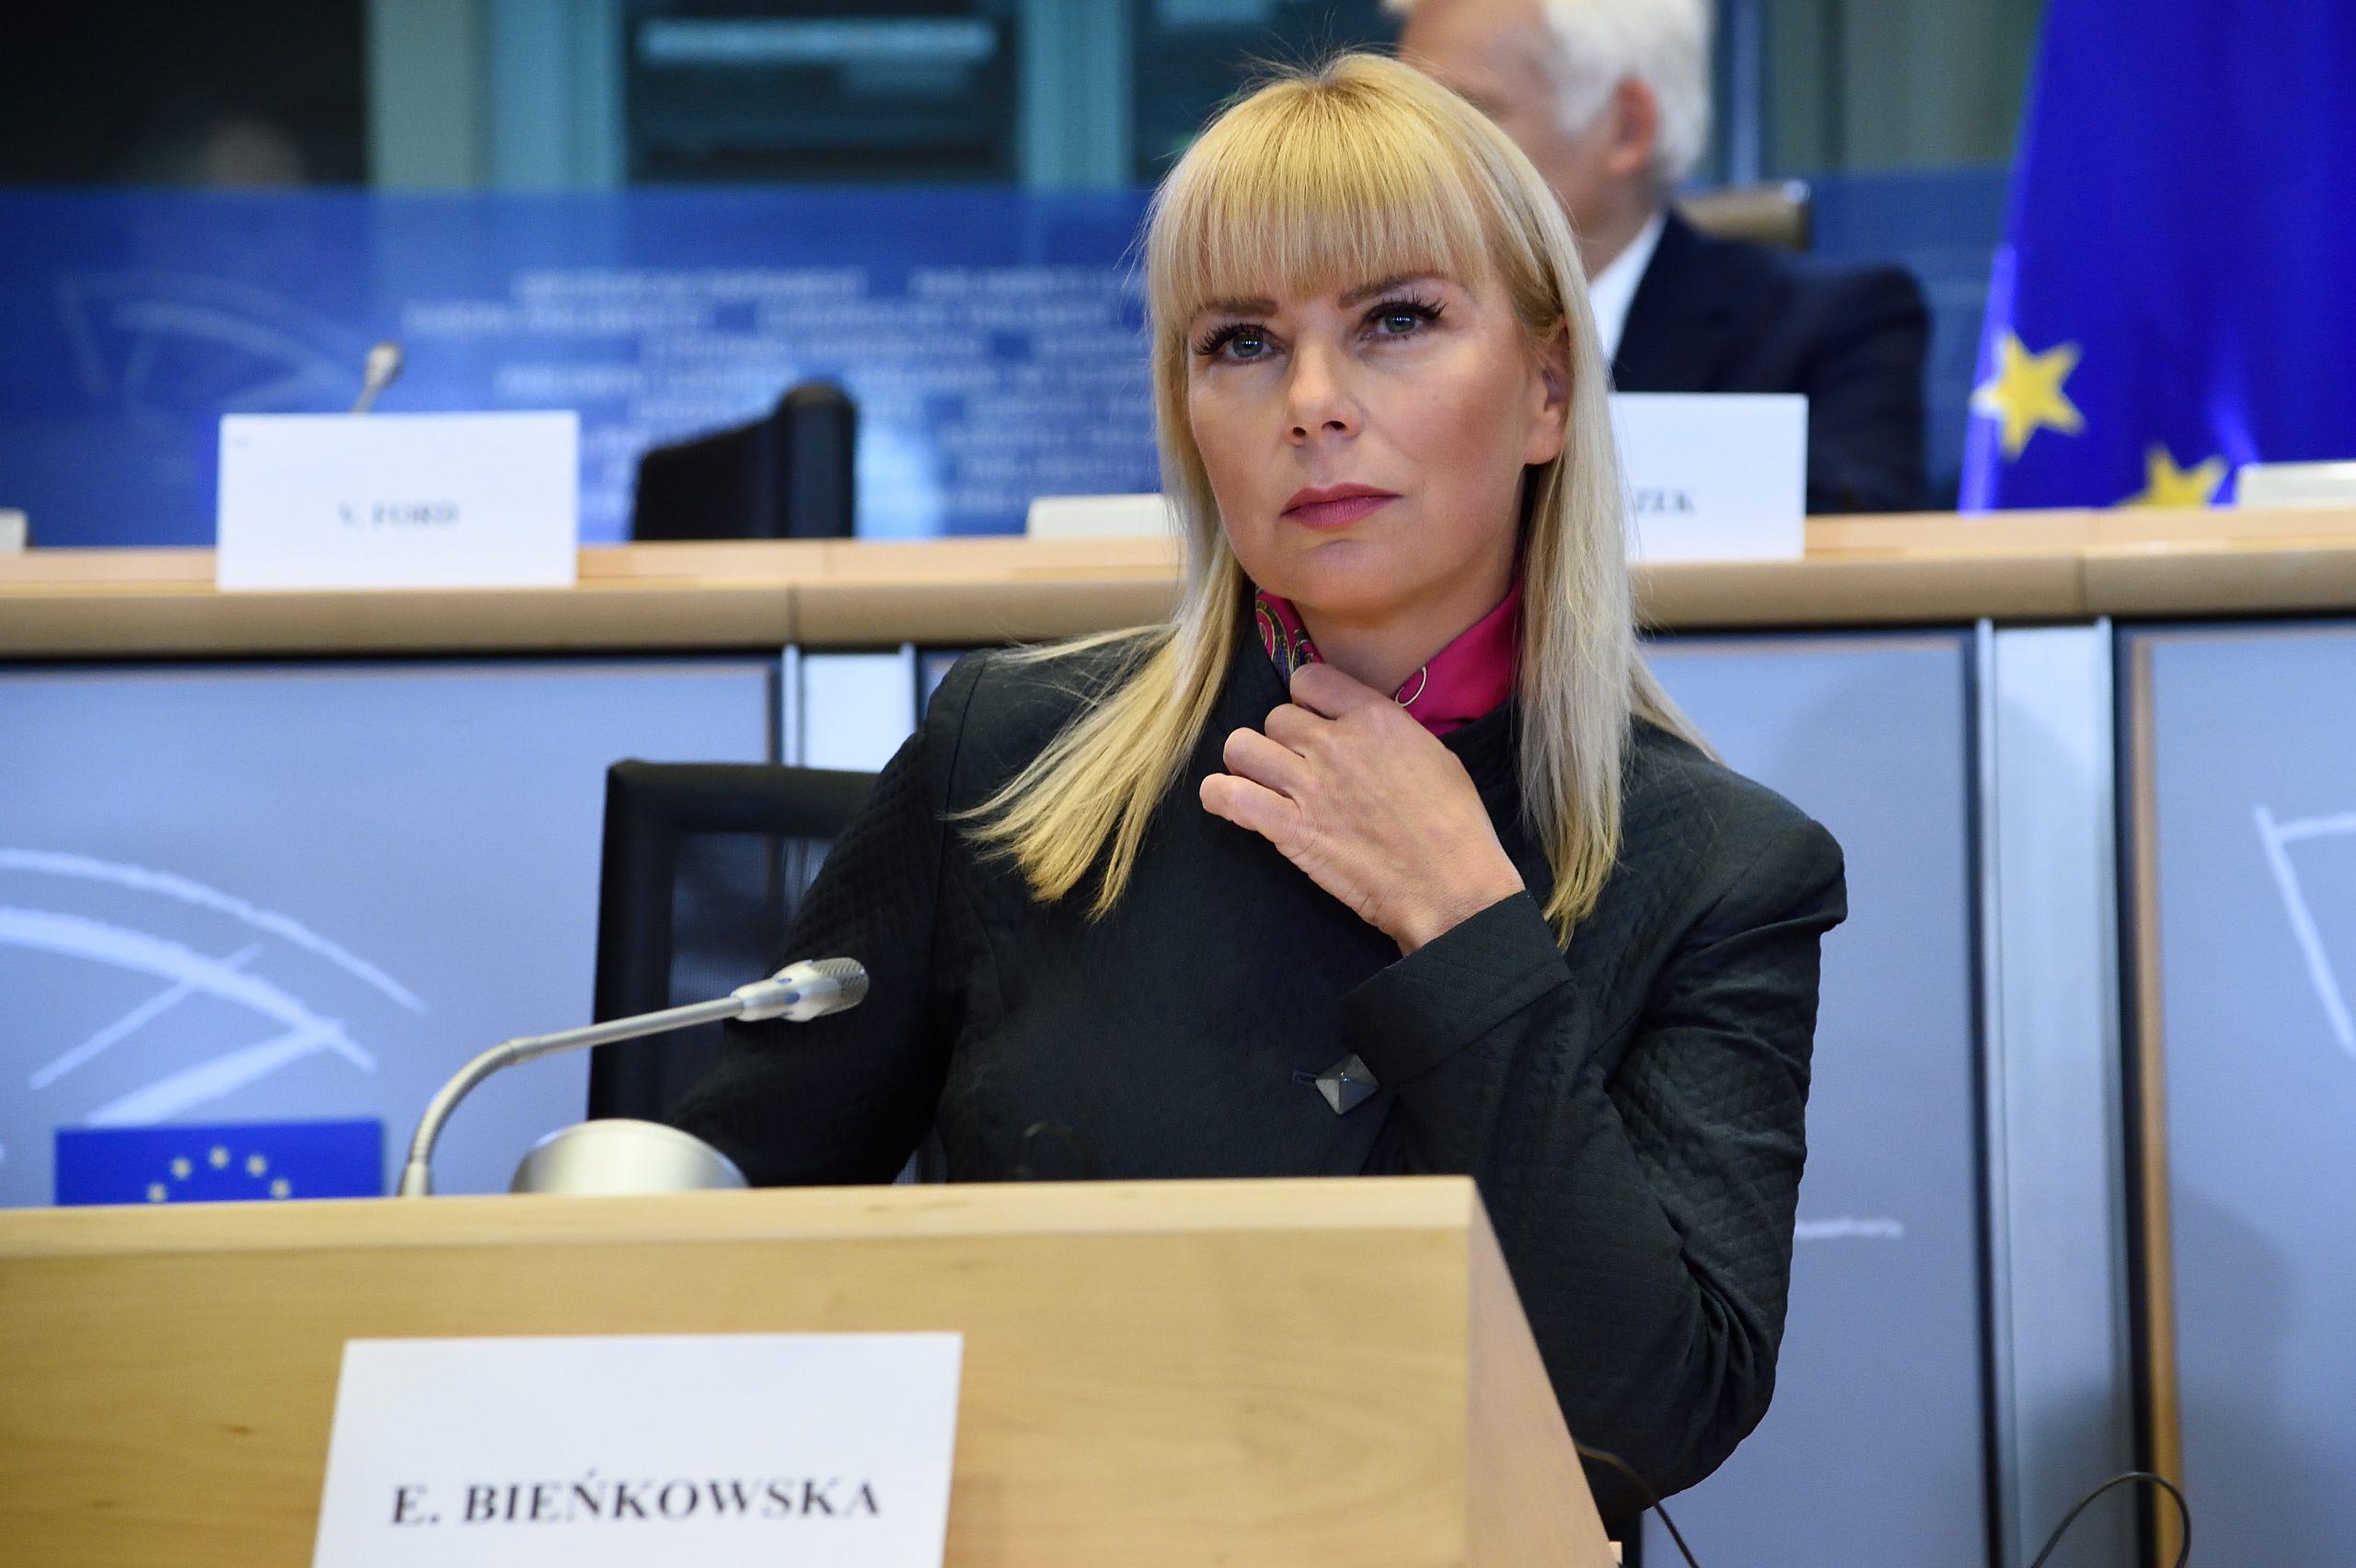 Hearing of Elzbieta Bienkowska